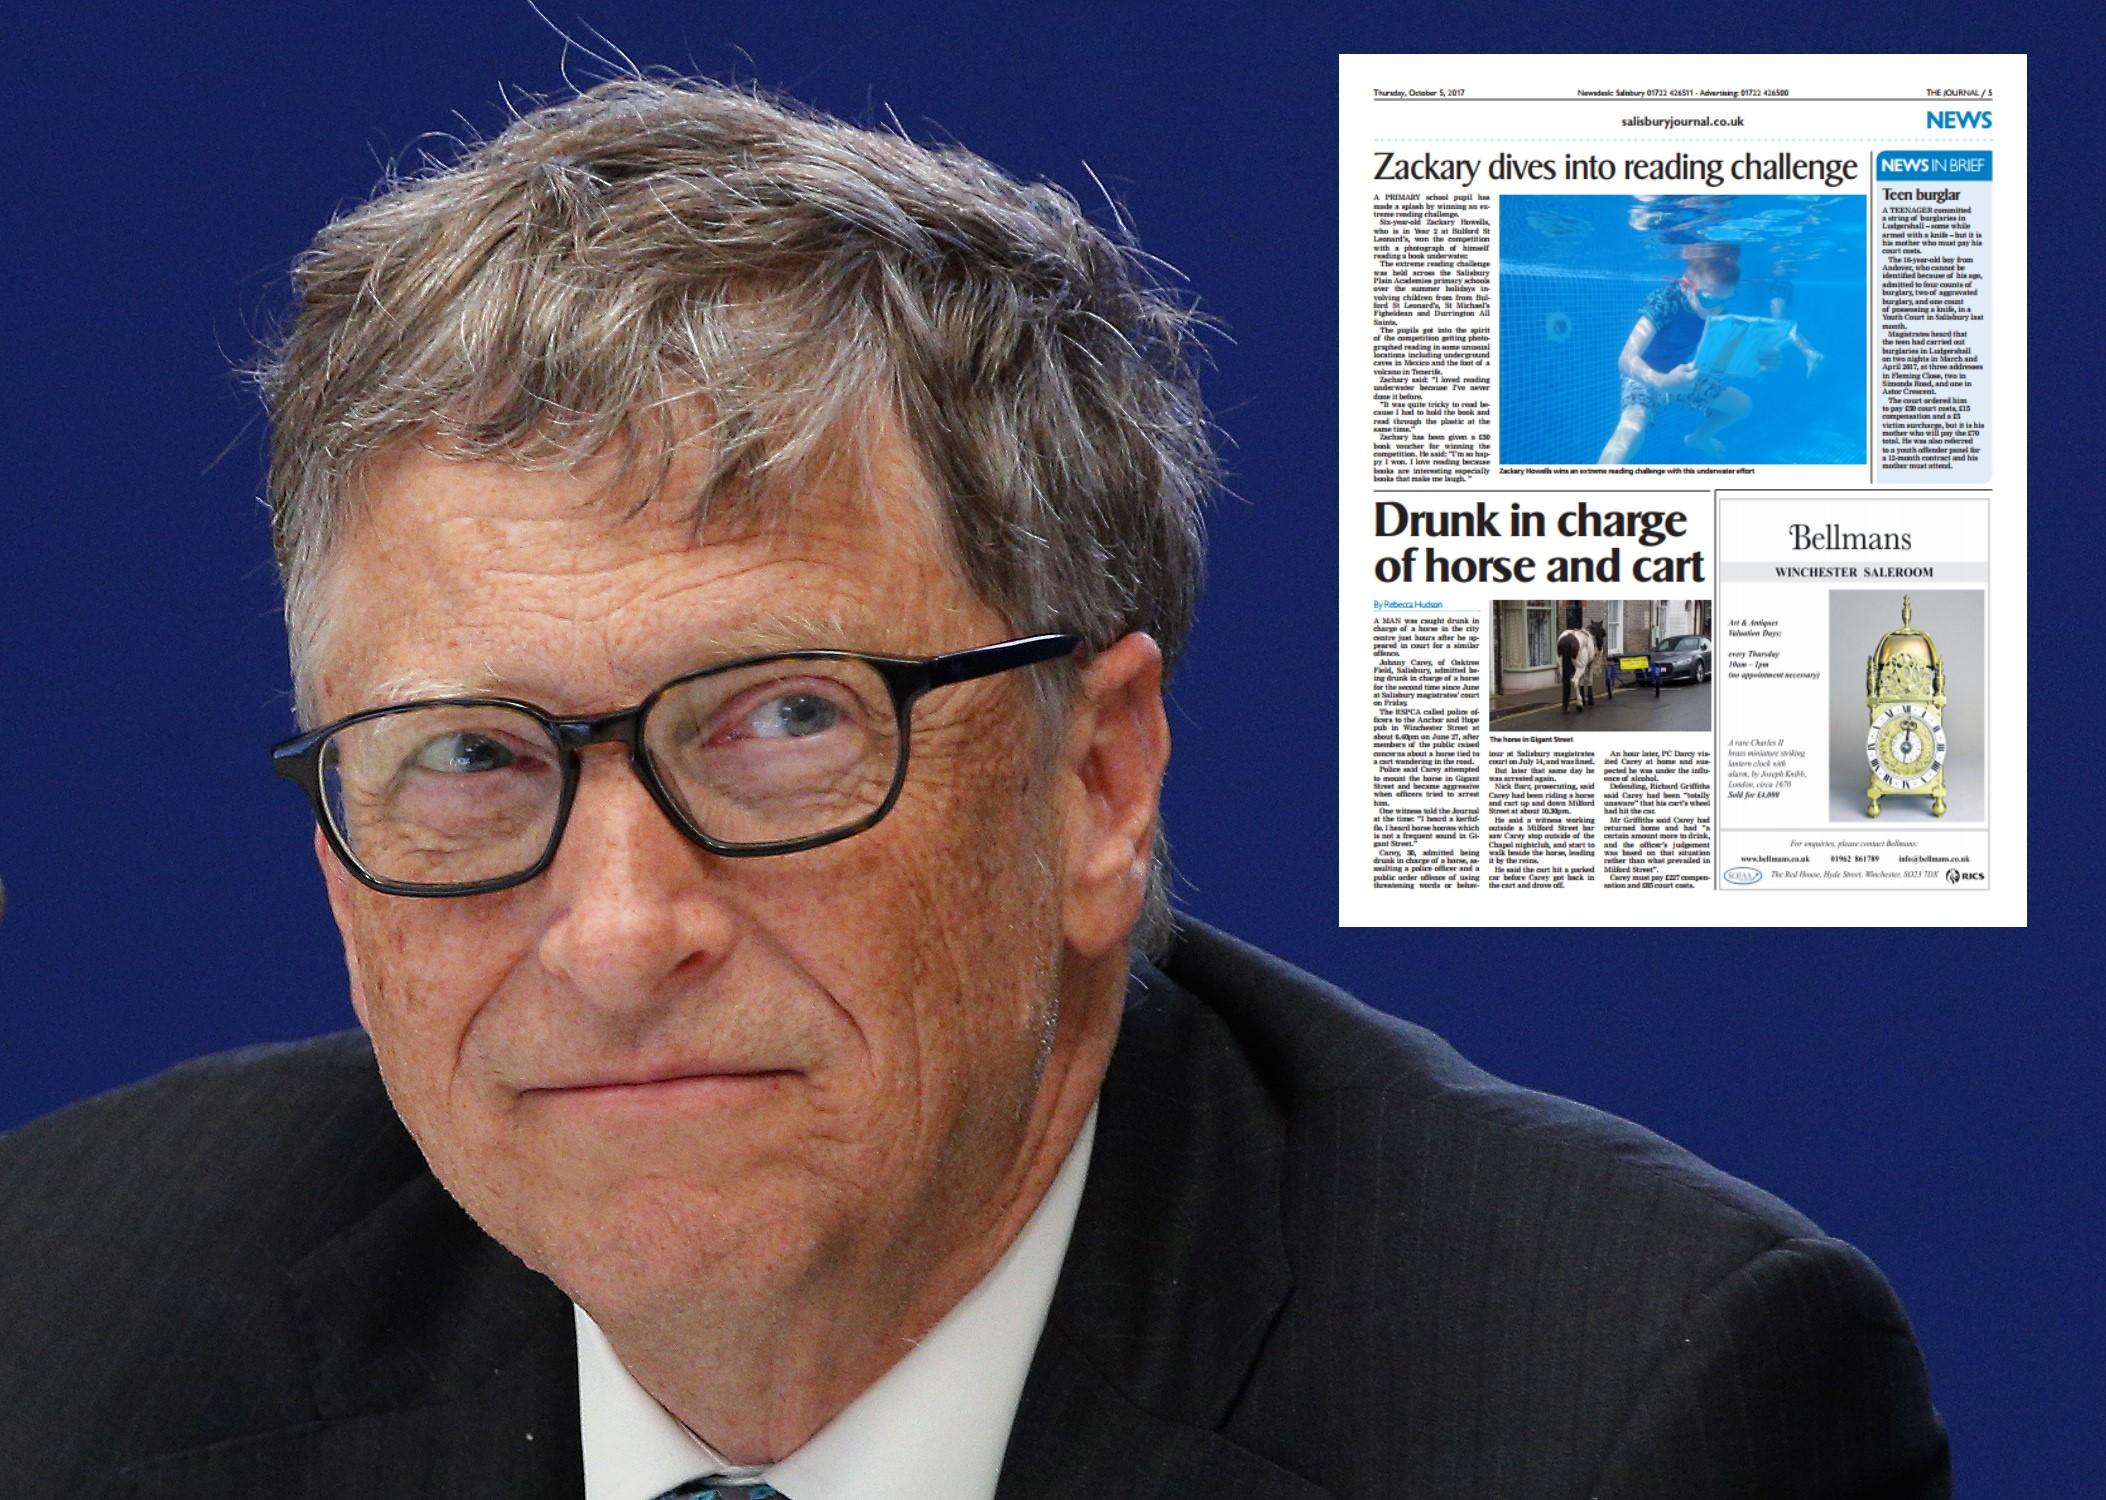 Bill Gates confirmed as avid Journal reader